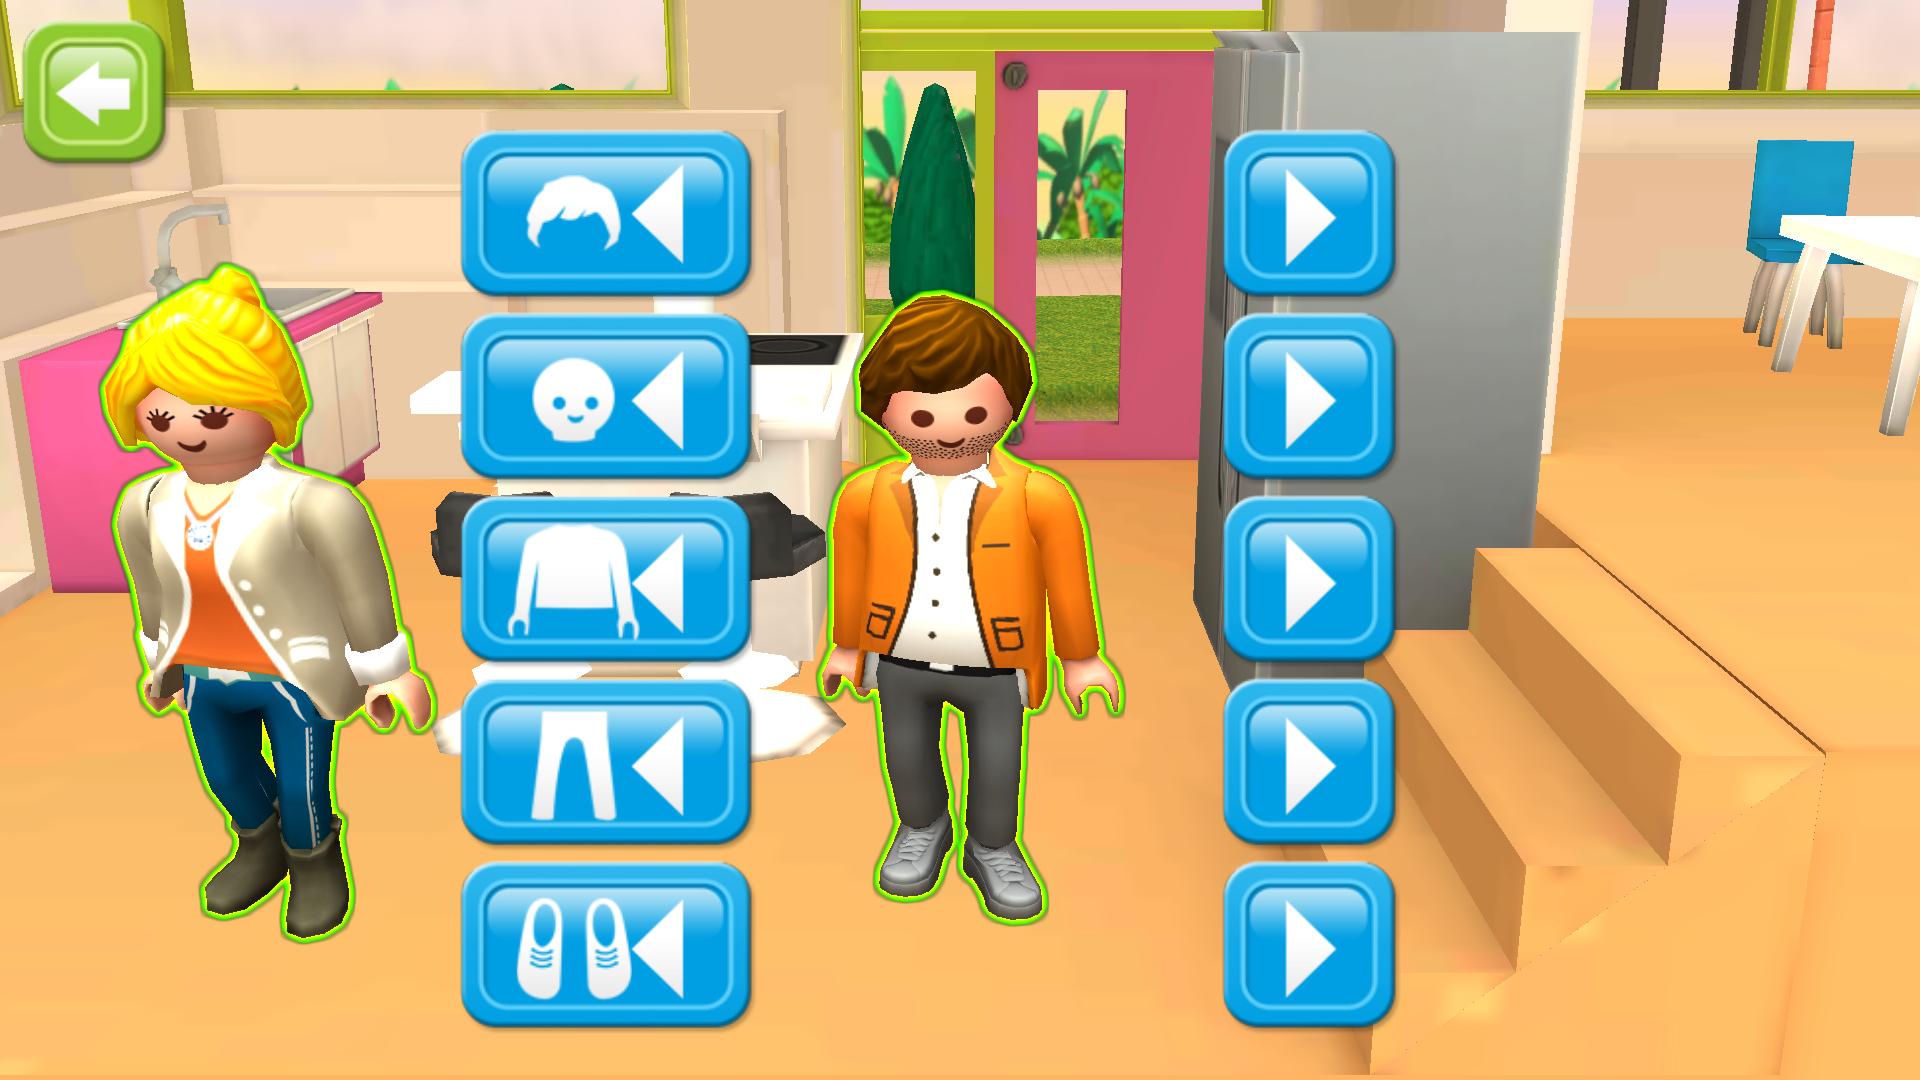 La Maison Moderne Playmobil Android 16/20 (Test, Photos) intérieur Jeux De Piece Gratuit